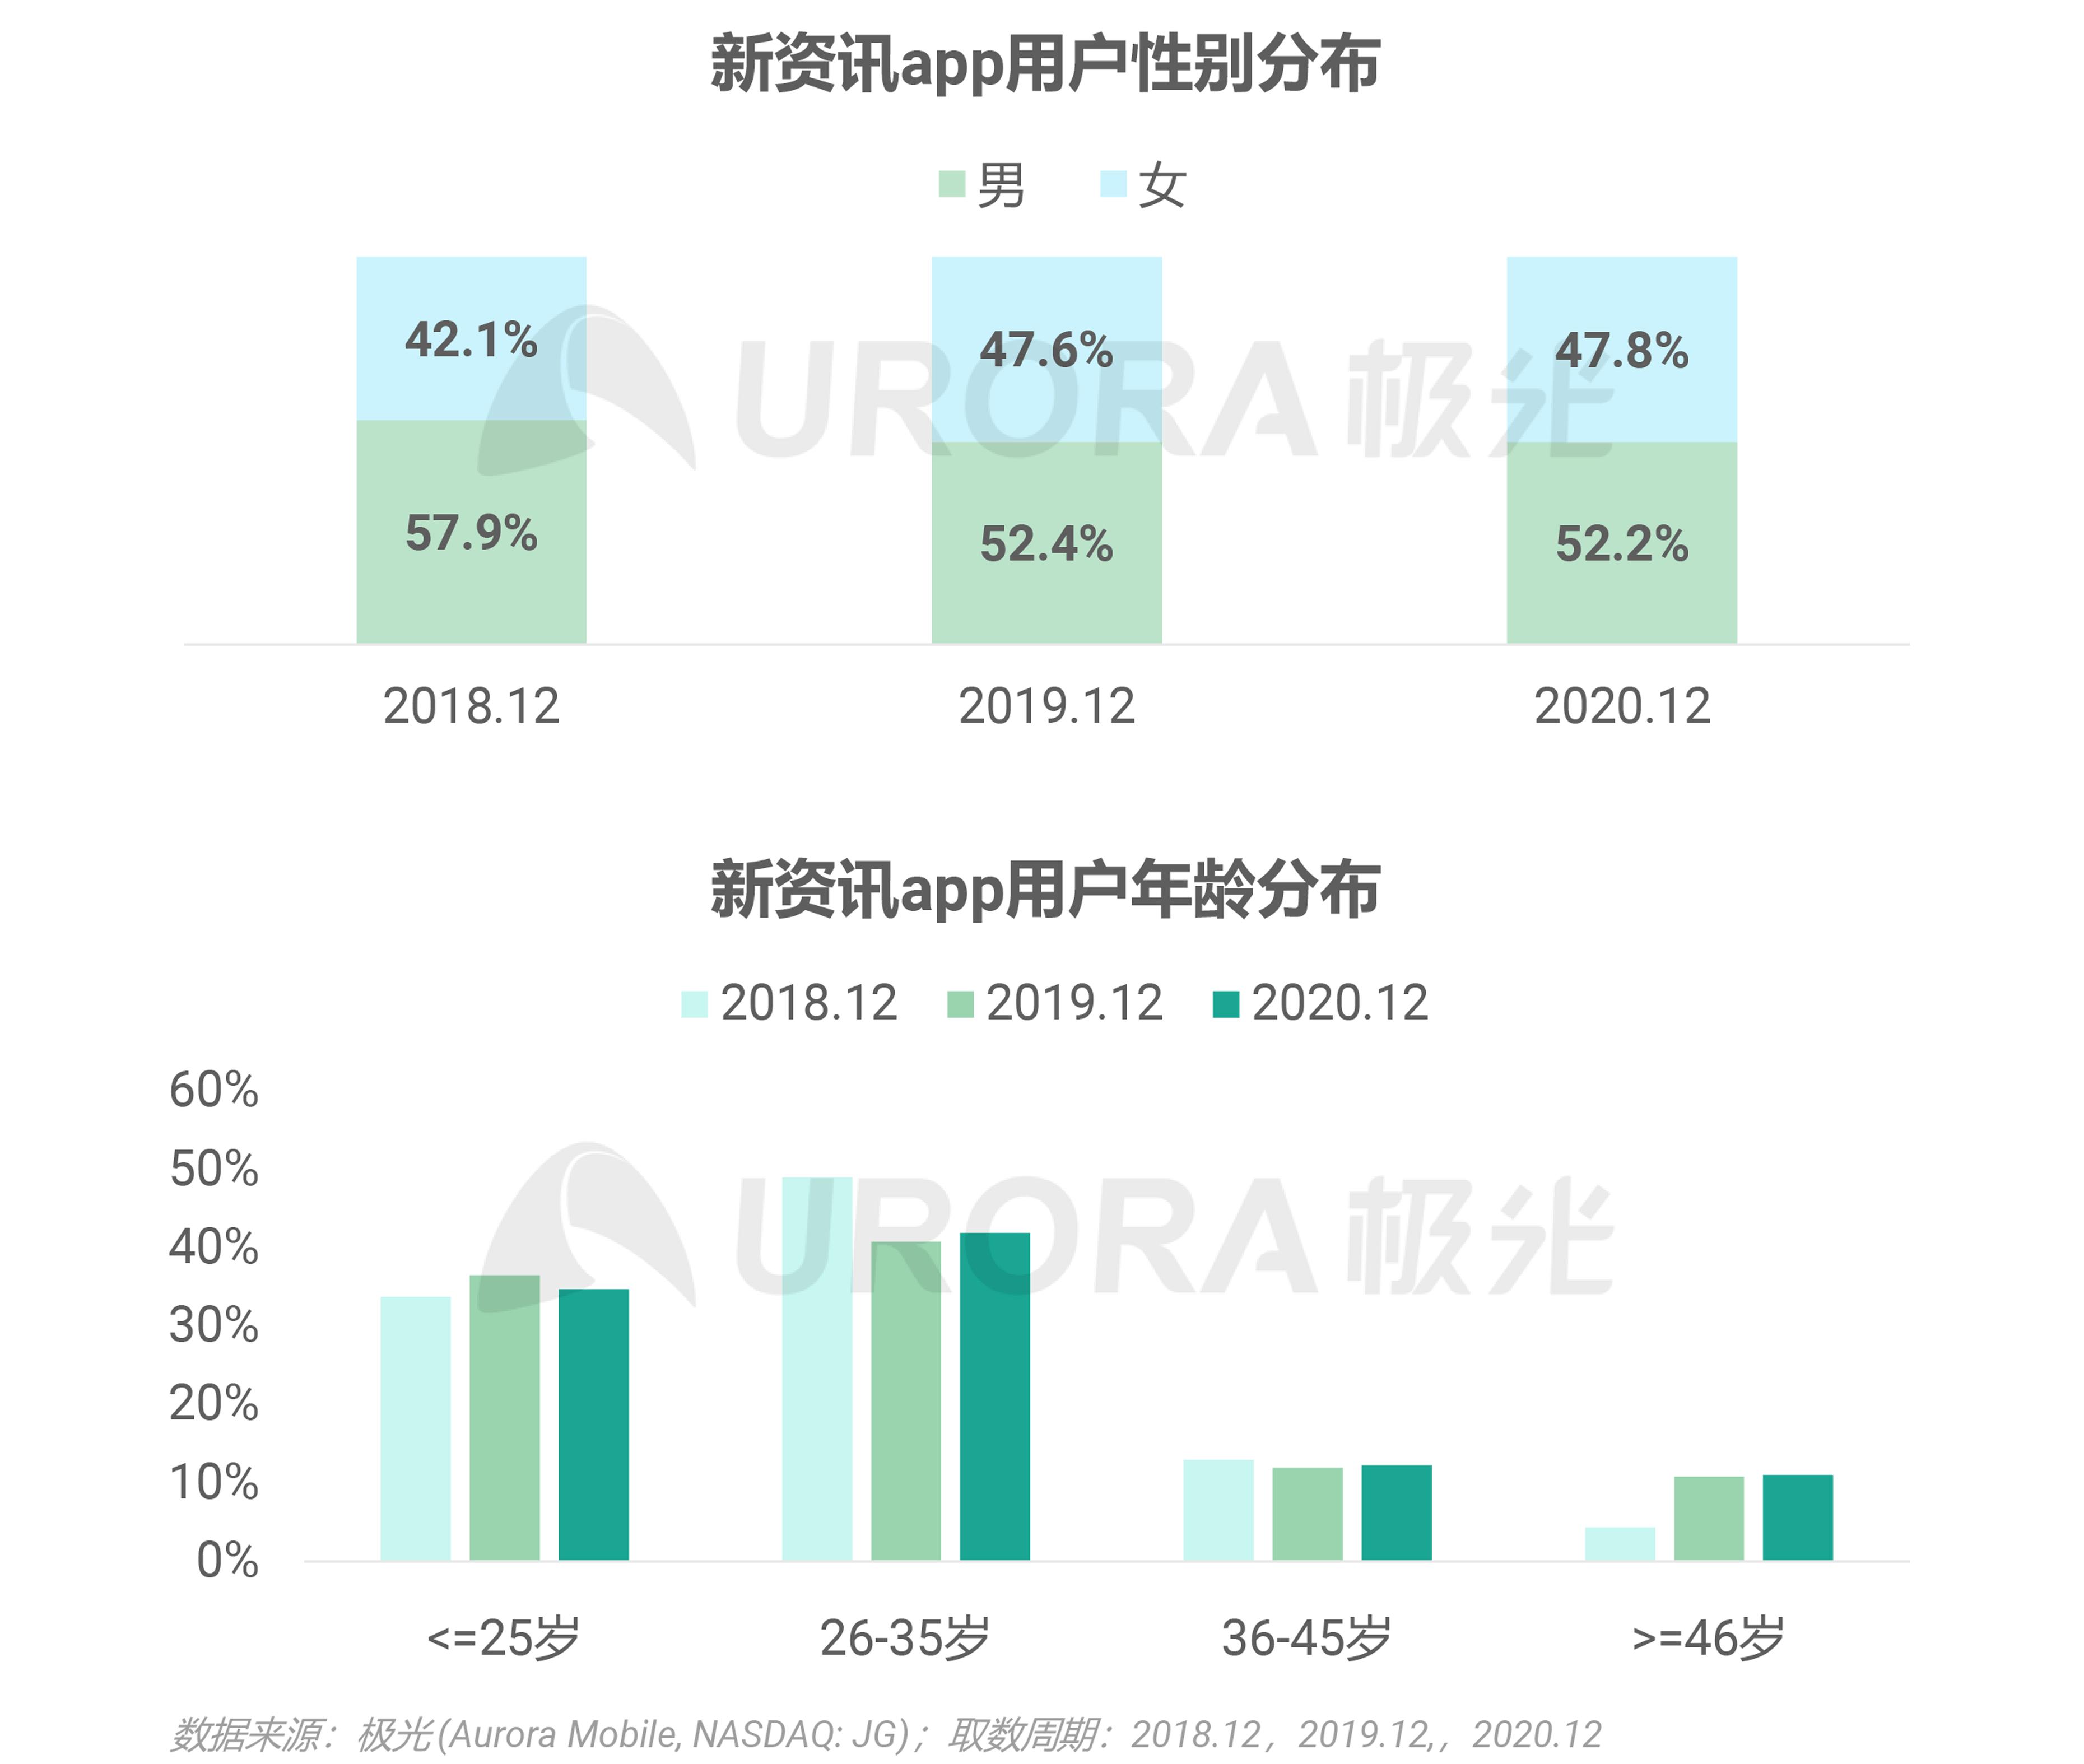 极光:2020年新资讯行业年度盘点报告 (15).png